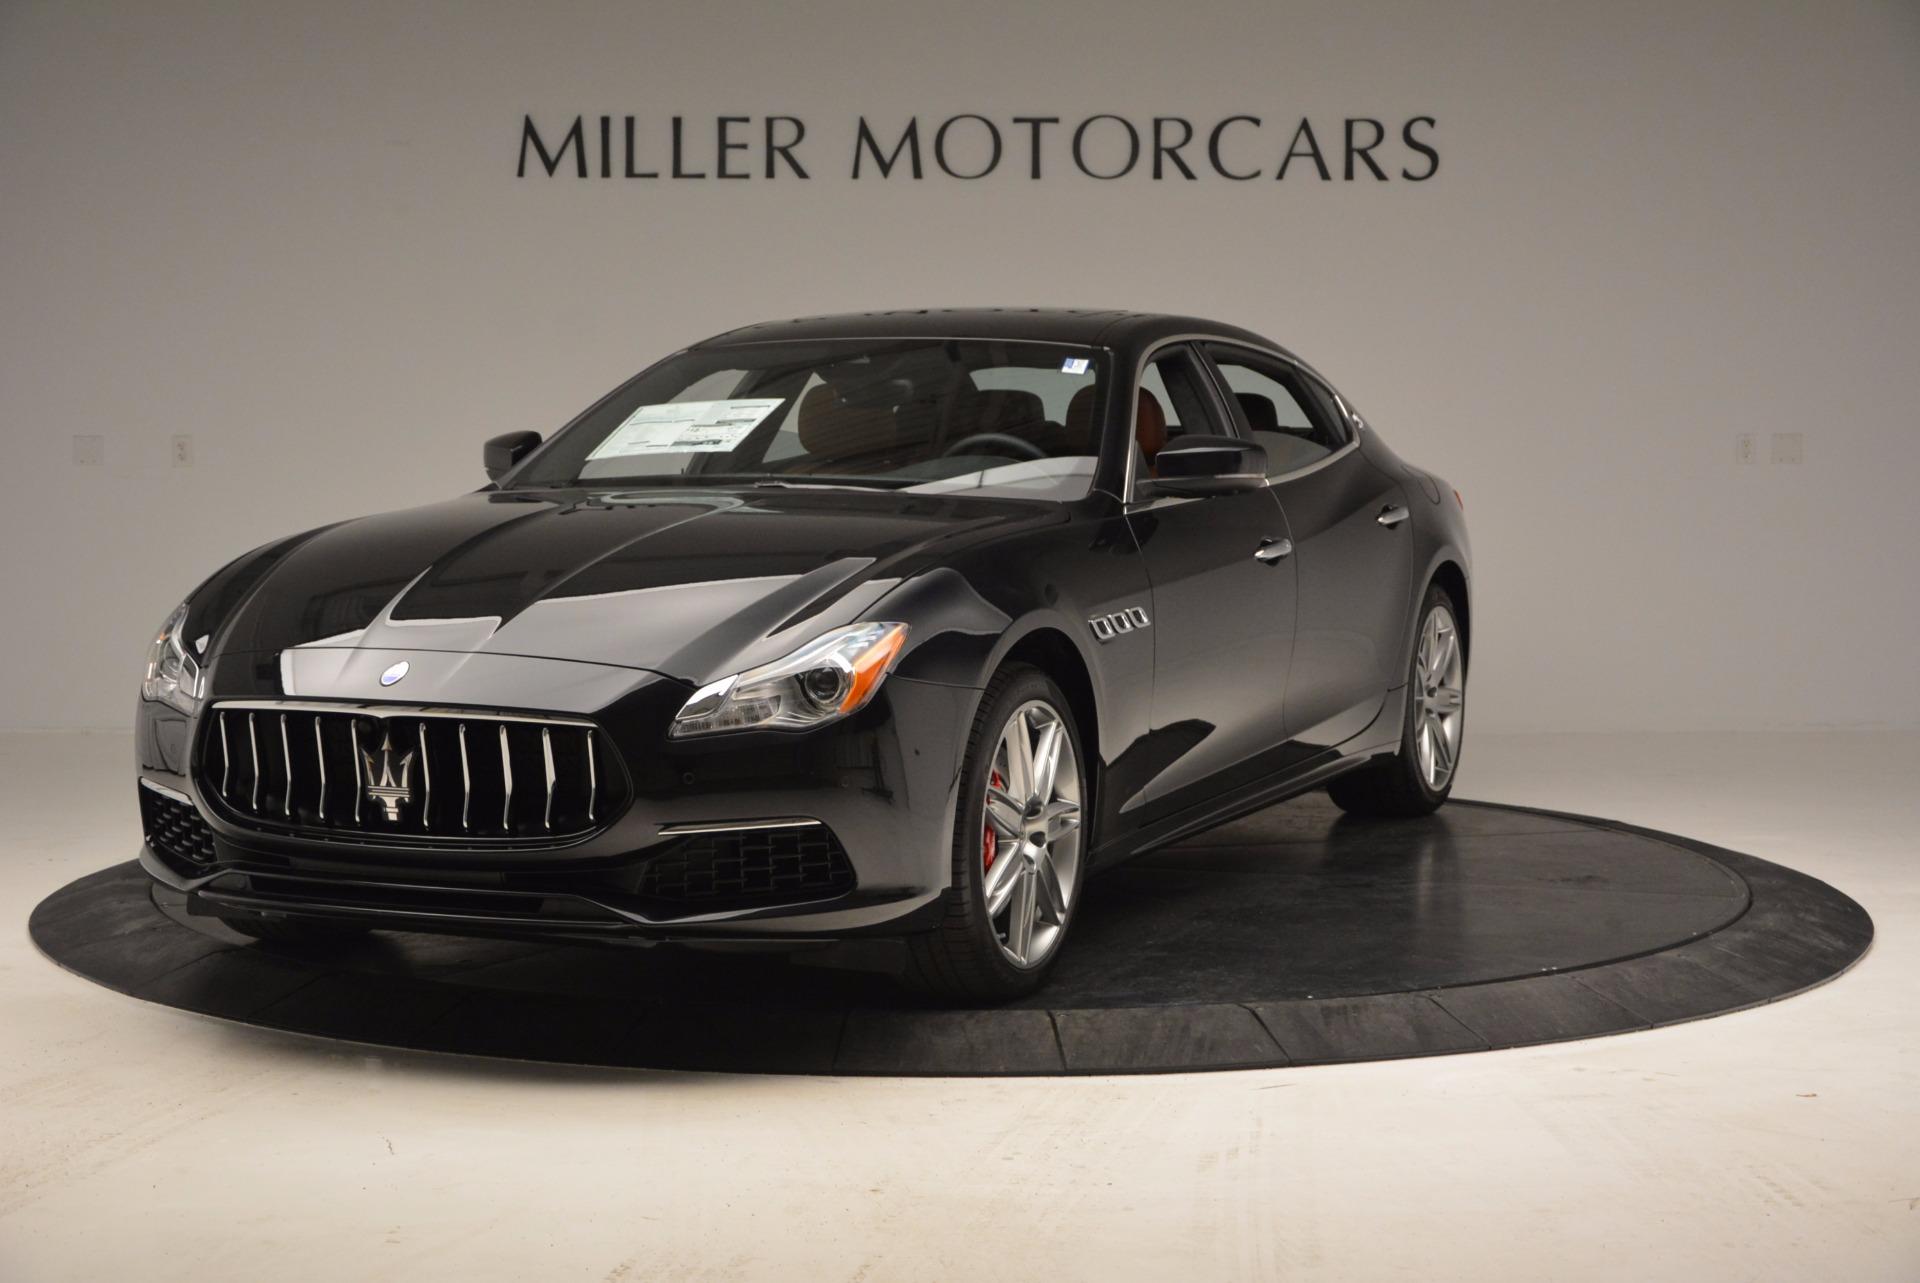 New 2017 Maserati Quattroporte S Q4 GranLusso for sale Sold at McLaren Greenwich in Greenwich CT 06830 1